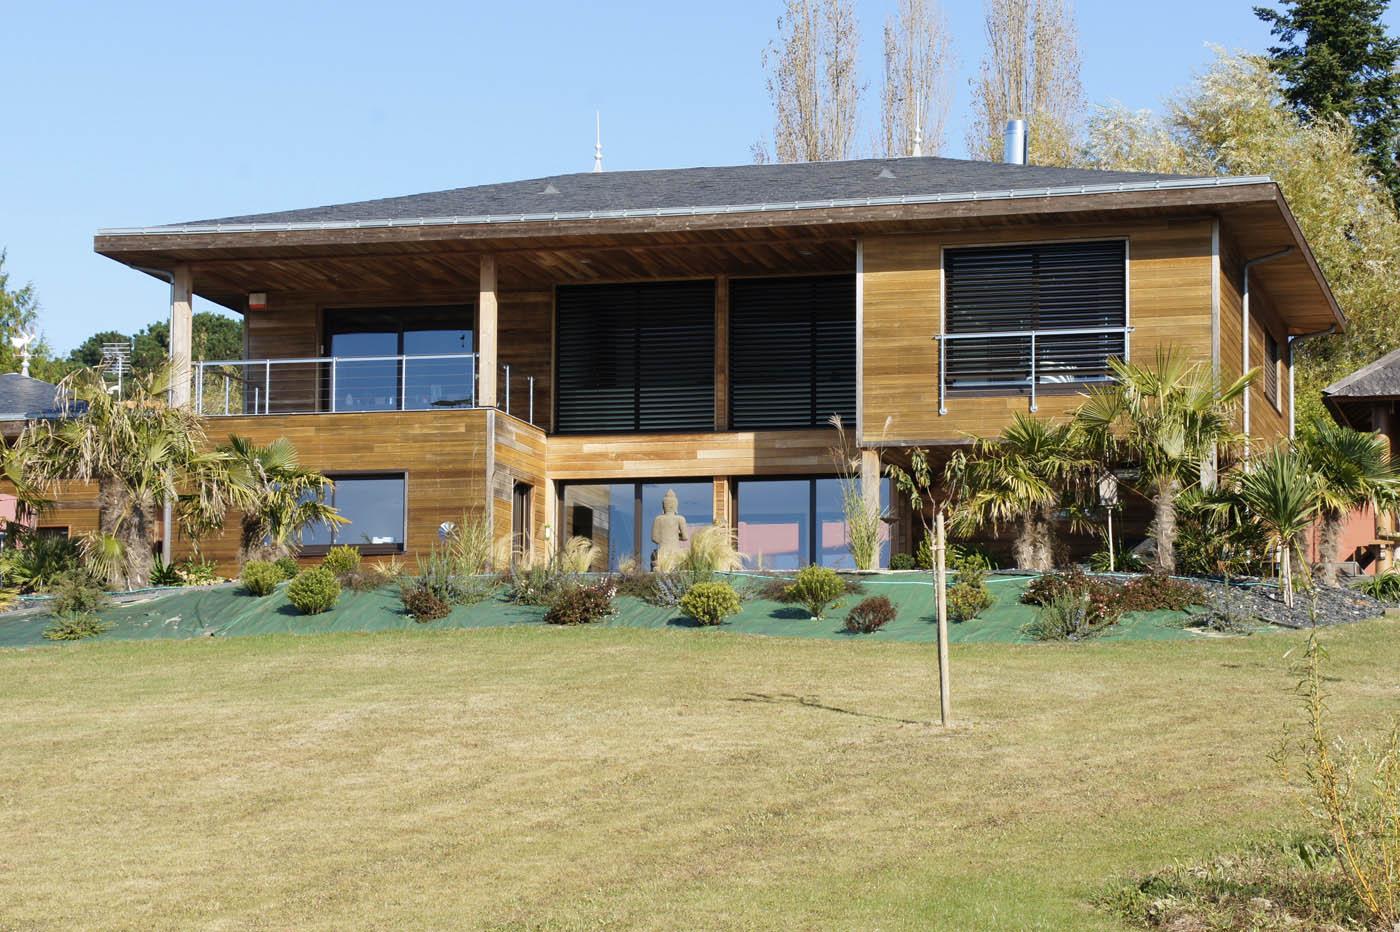 Maison ossature bois etage la maison est en ossature bois for Extension bois etage